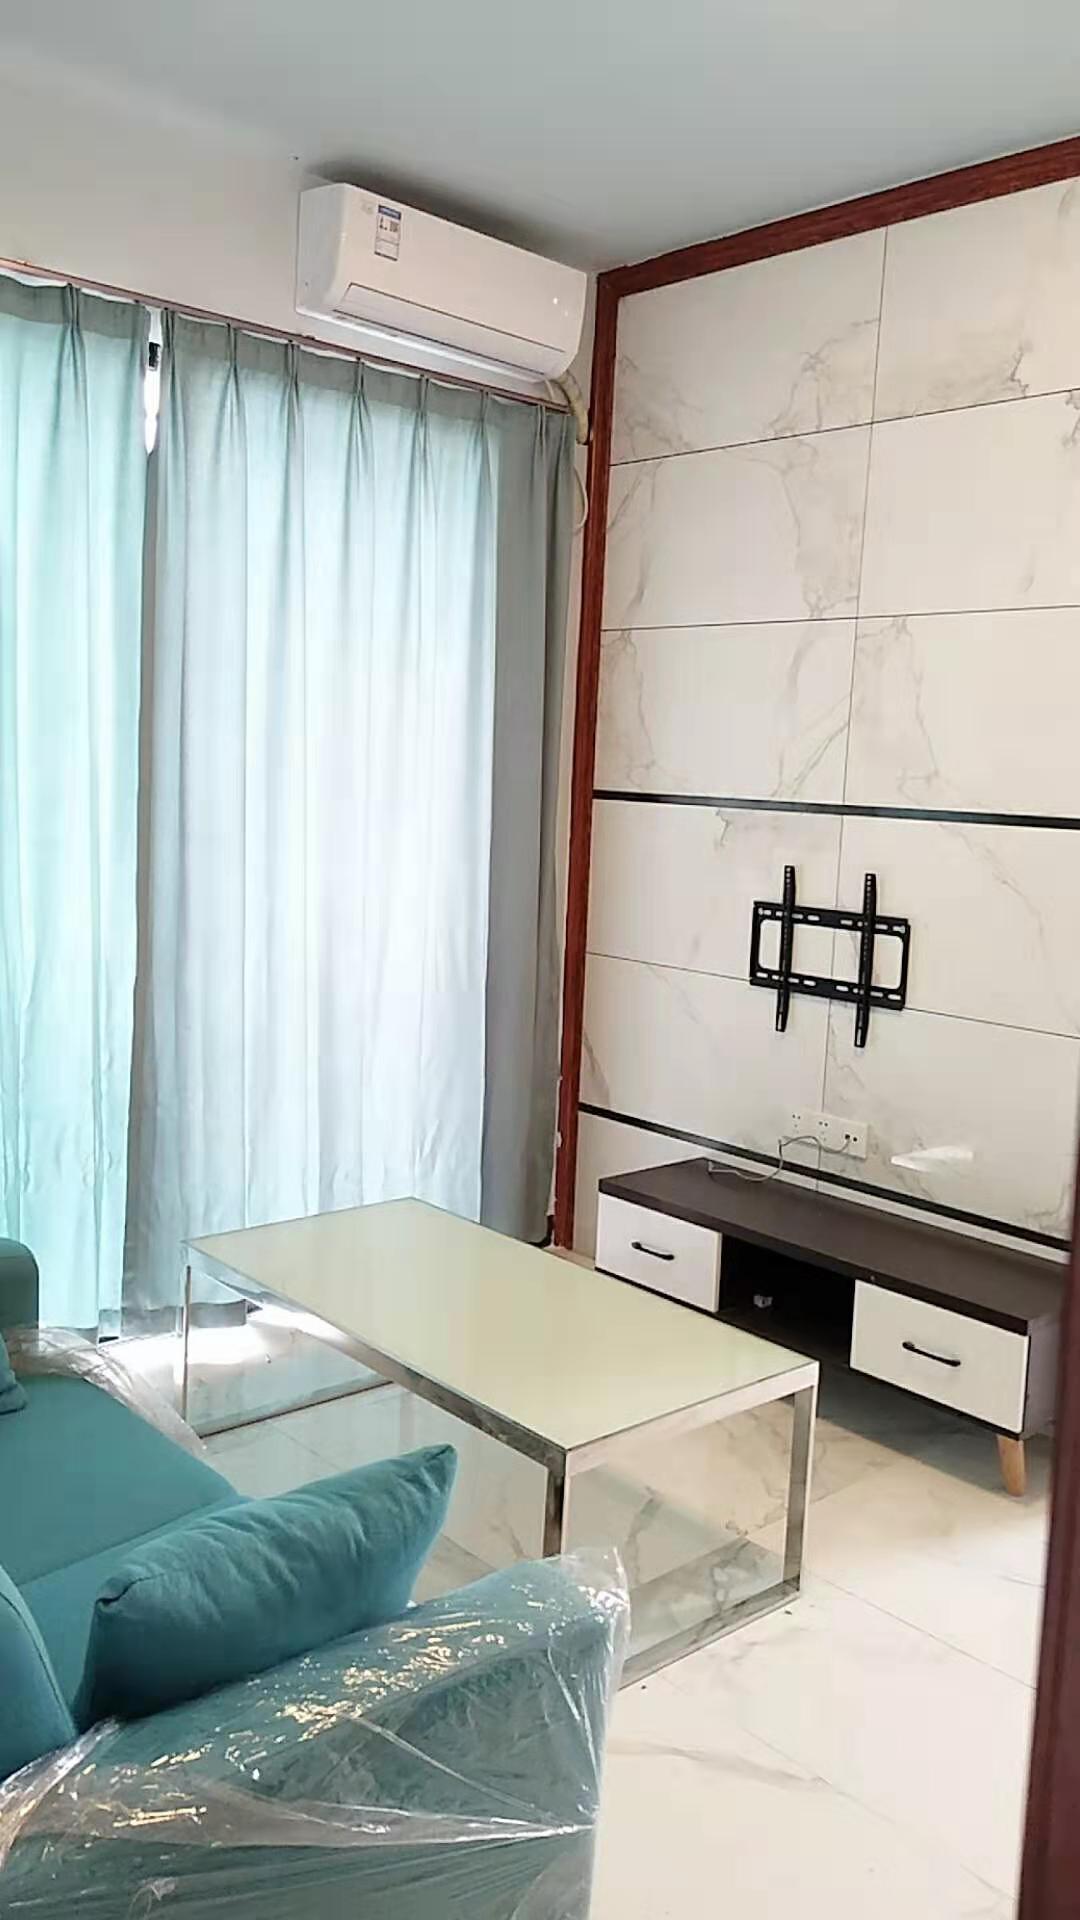 虎门中心-金洲大厦 首付7.8万/套起返租1300元/月